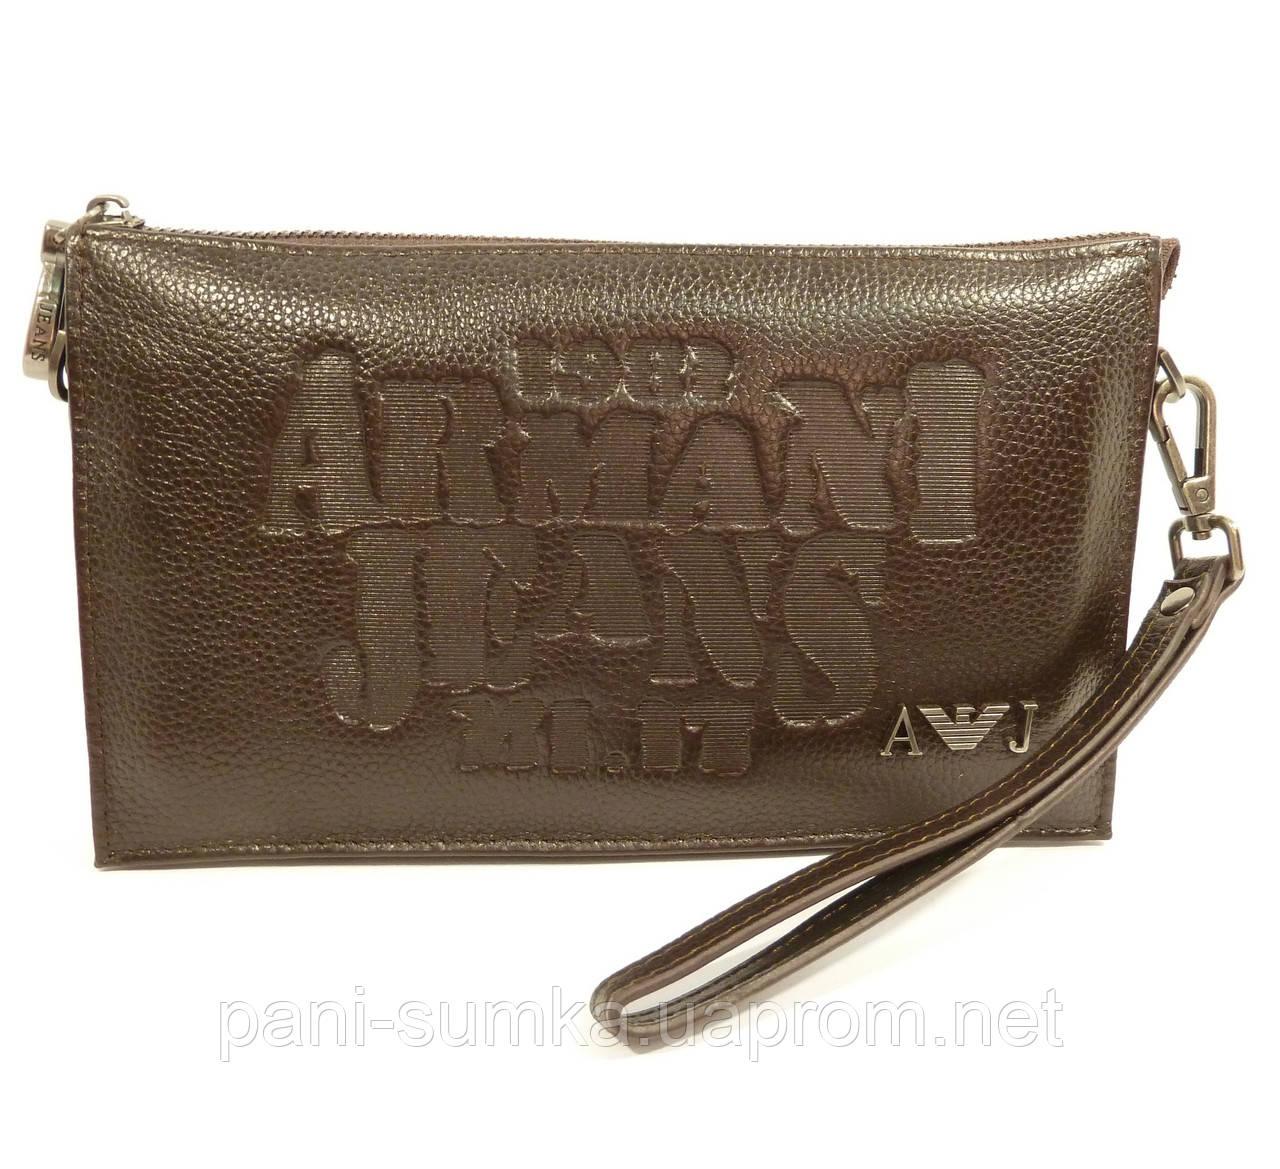 88ce71b29f60 Клатч мужской кожаный Armani Jeans 921-1 коричневый, сумка мужская, фото 1